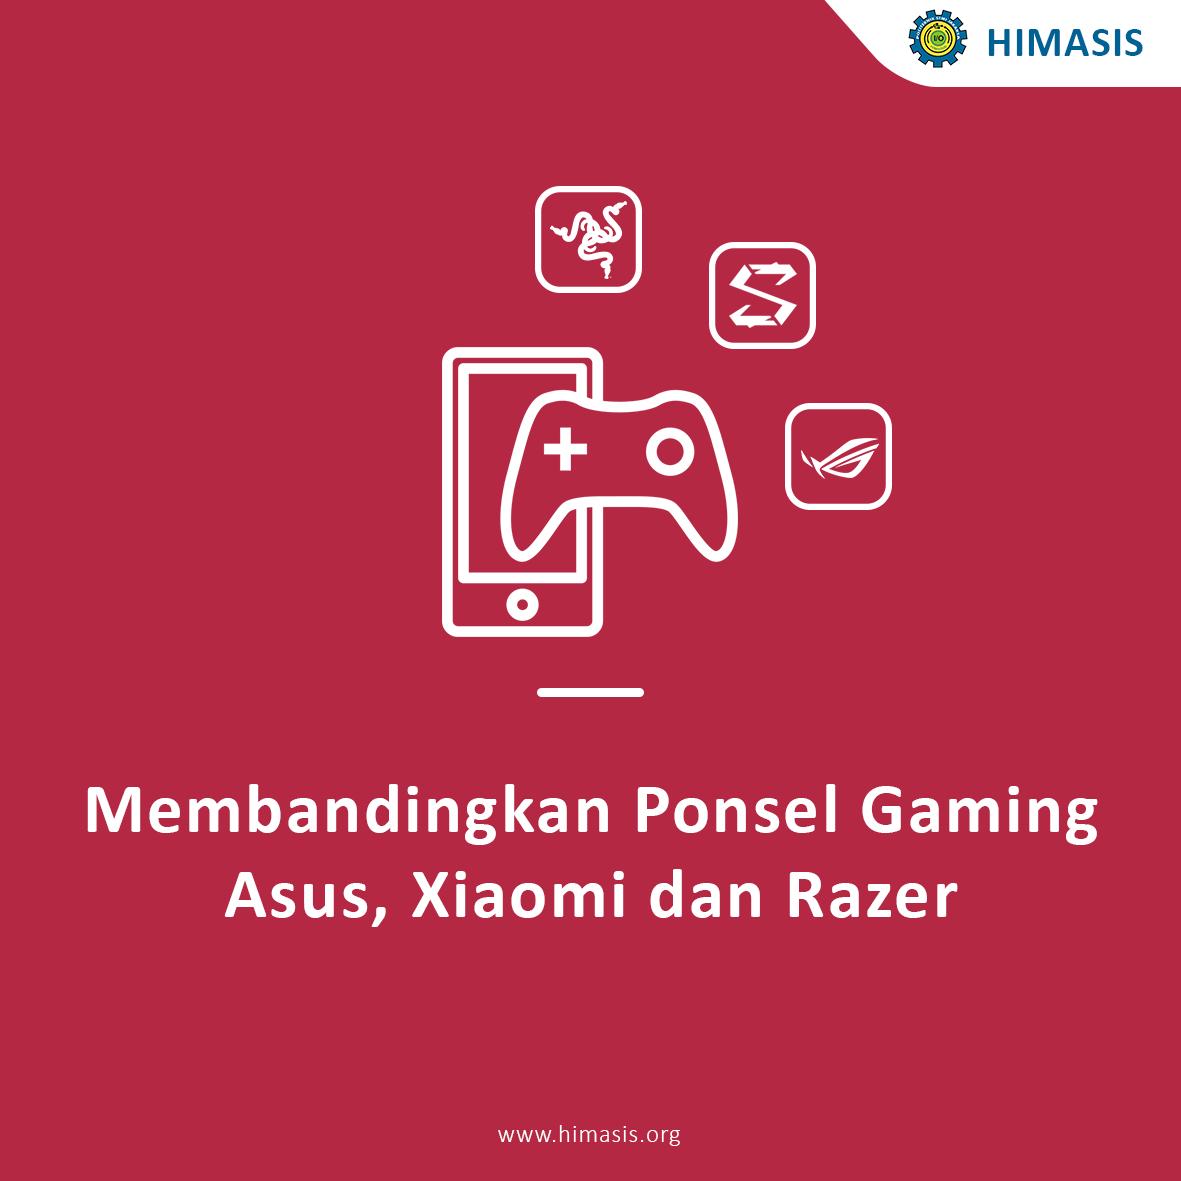 Membandingkan ponsel gaming Asus,Xiaomi dan Razer